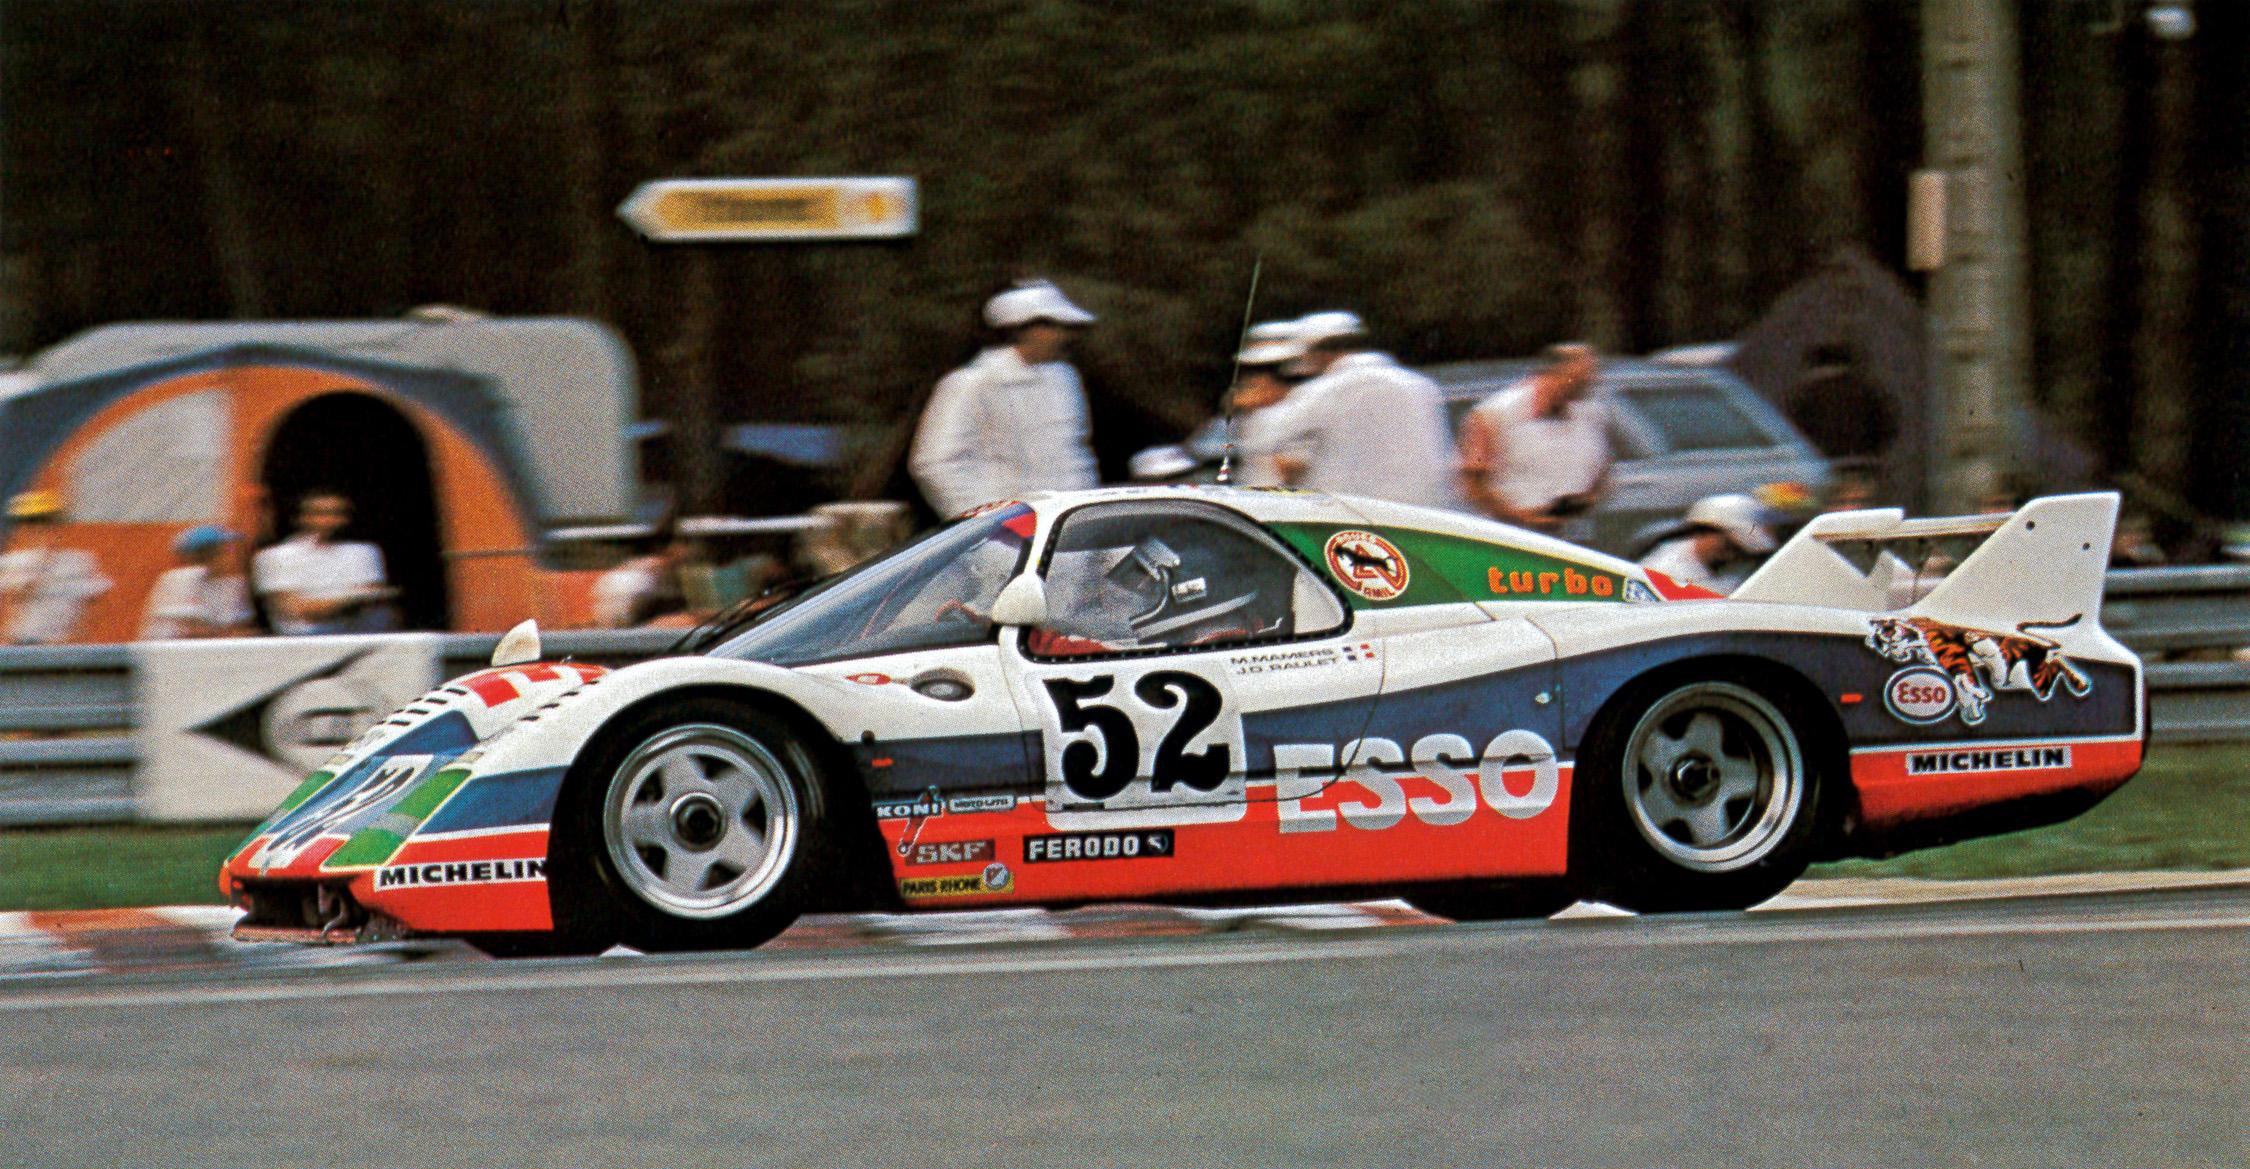 1979 - WM Peugeot 79 - 24h Le Mans - Raulet-Mamers